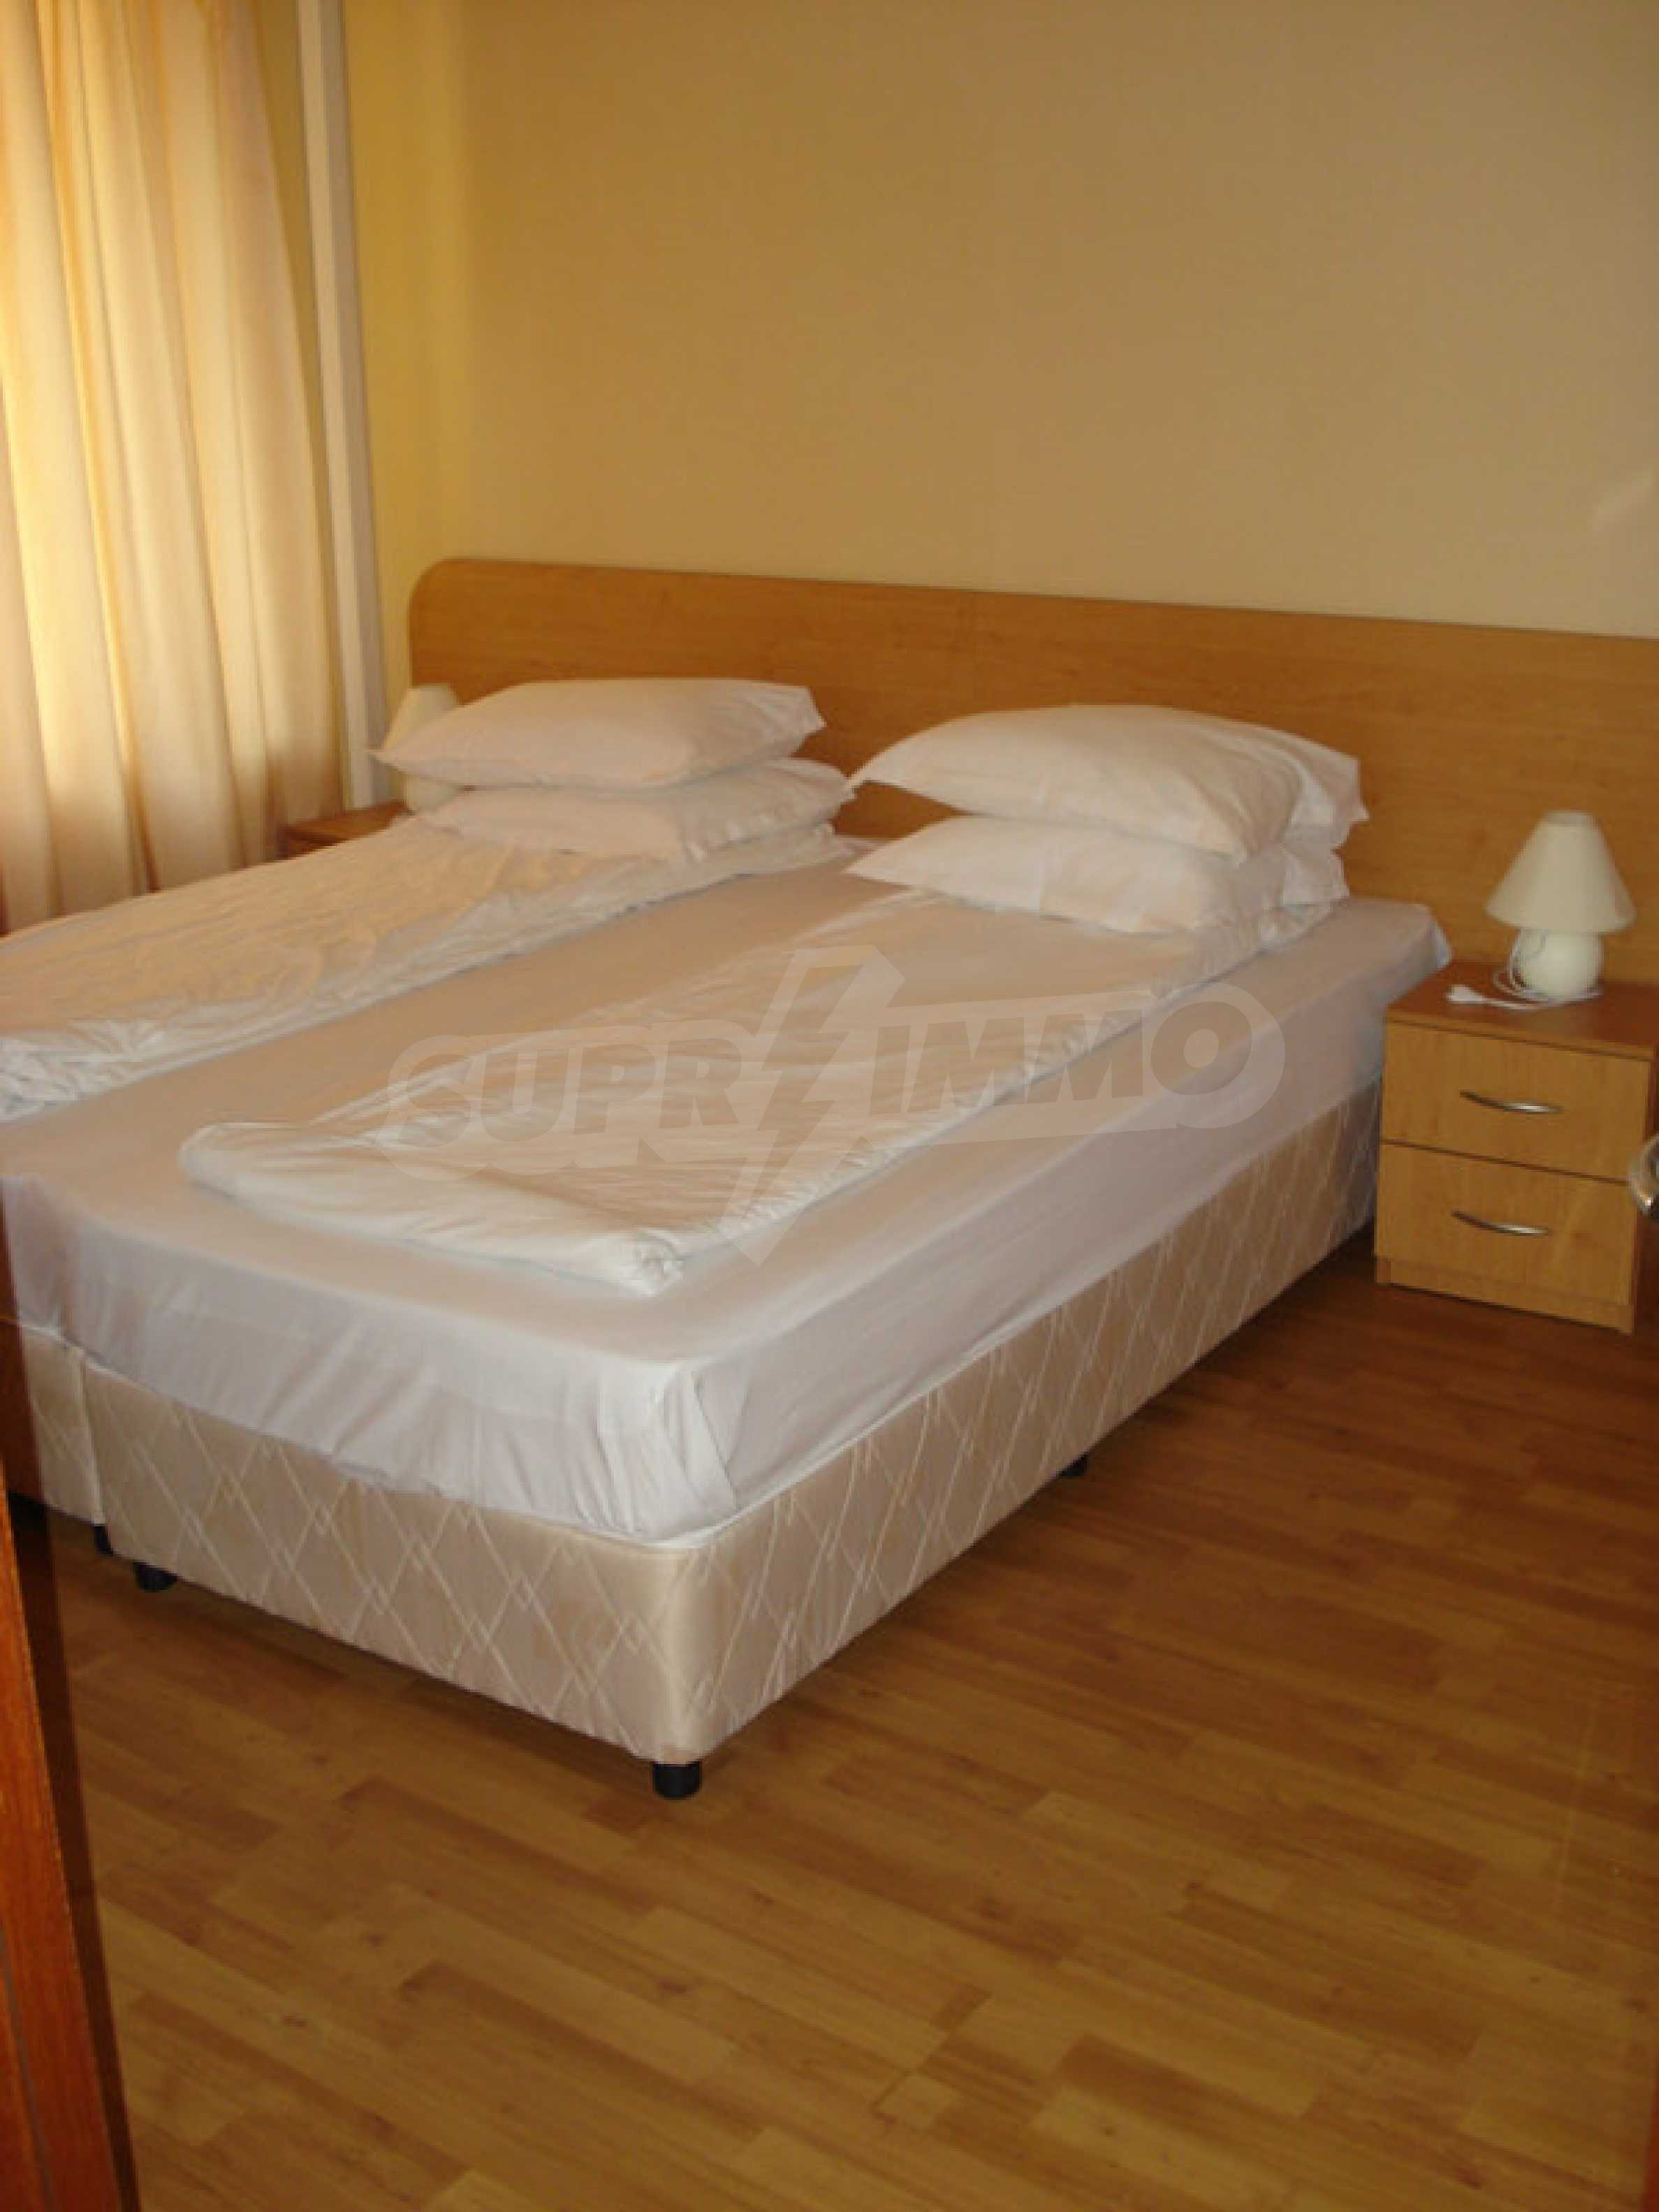 One bedroom apartment in Golden Sands 3